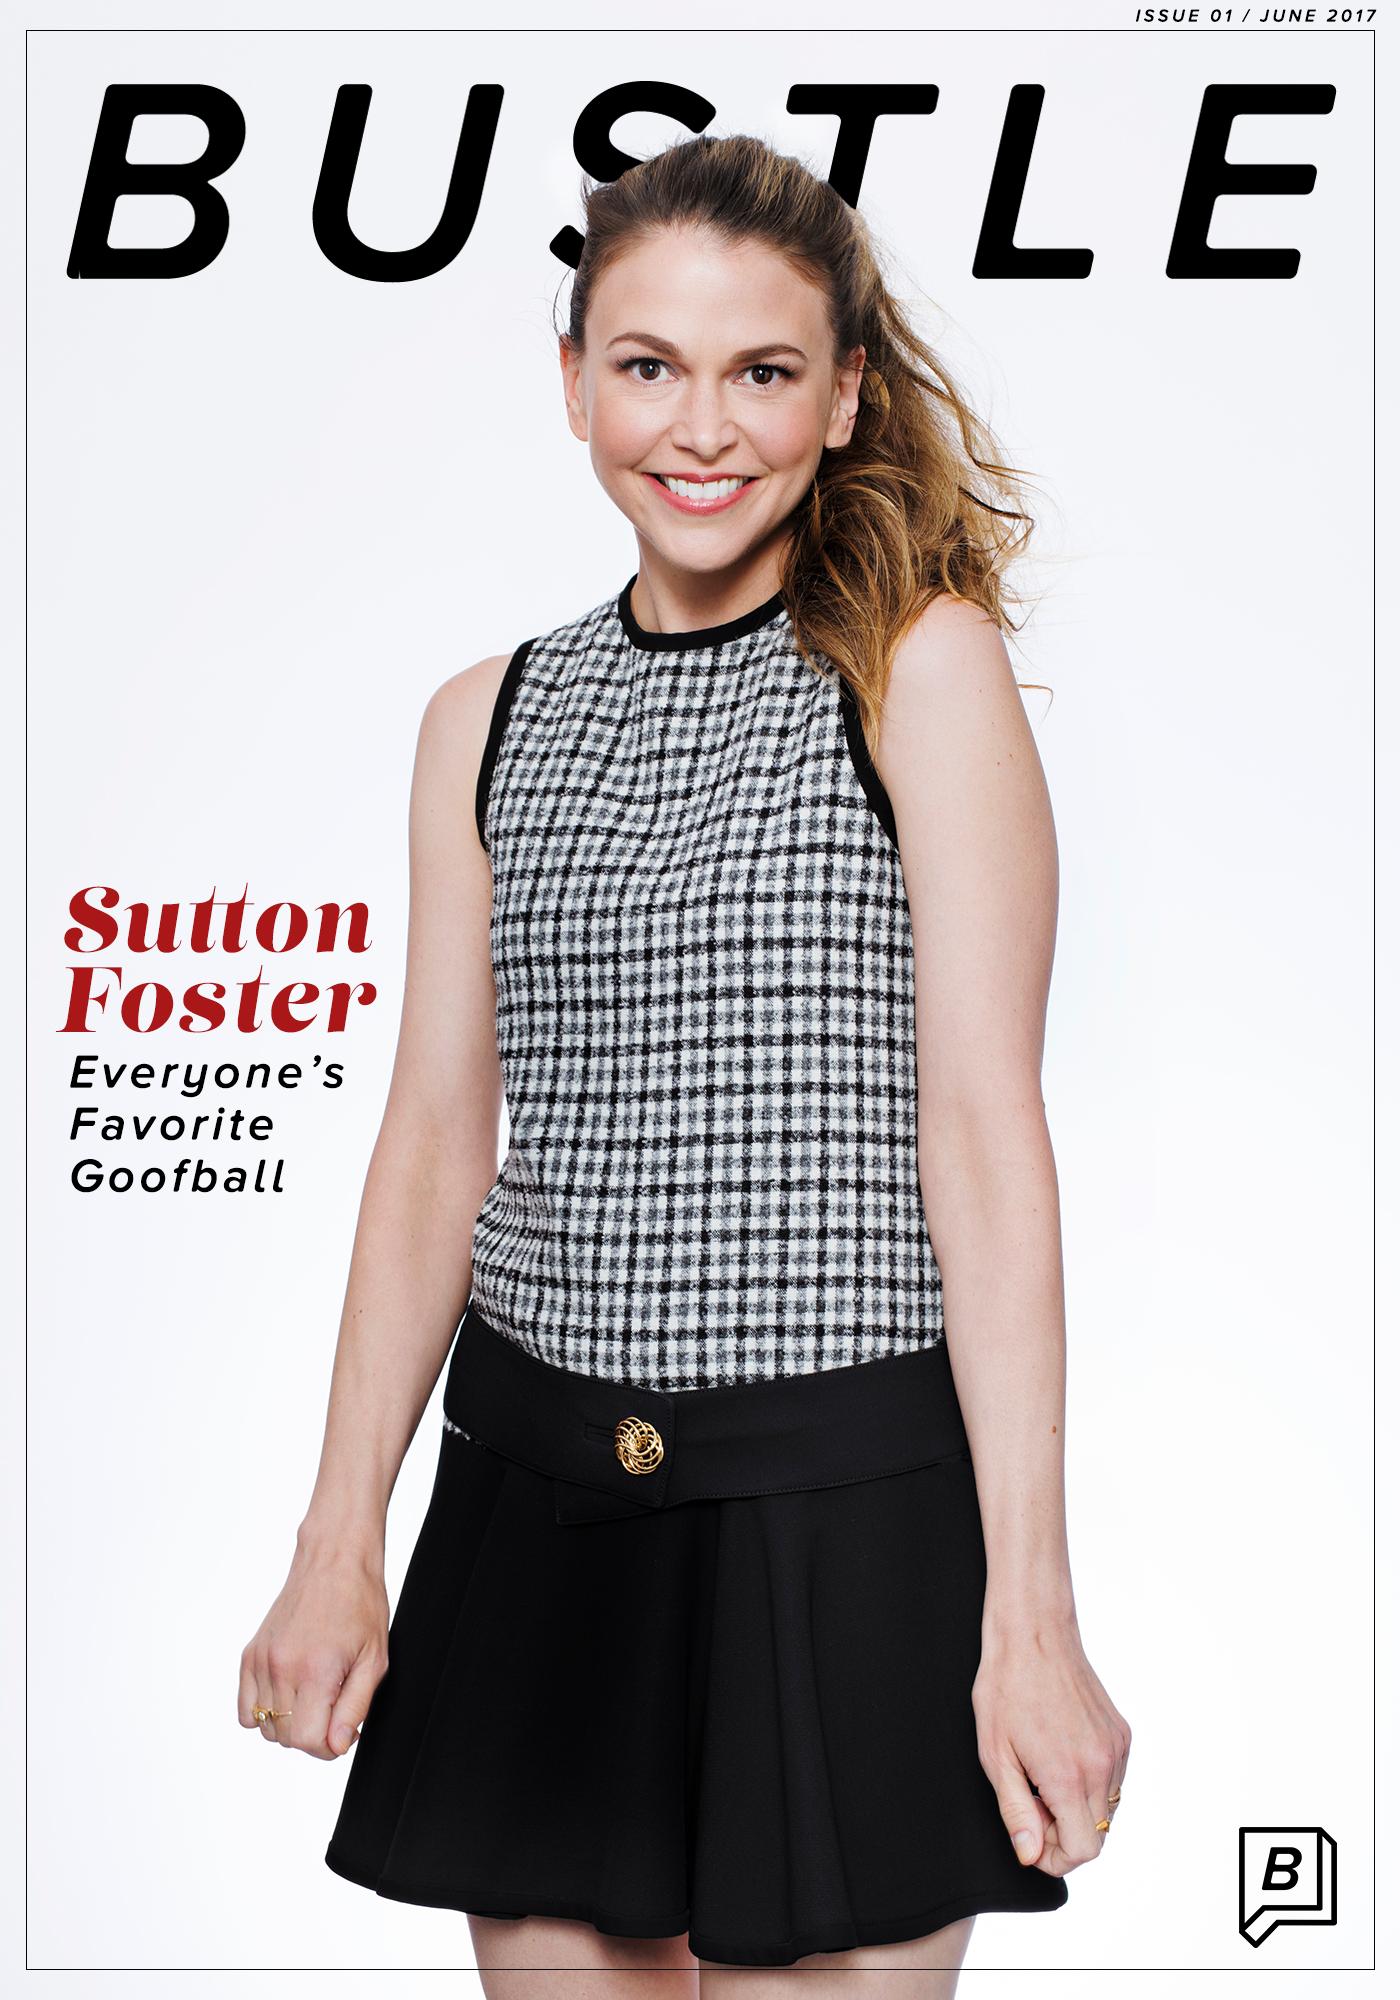 Sutton Foster